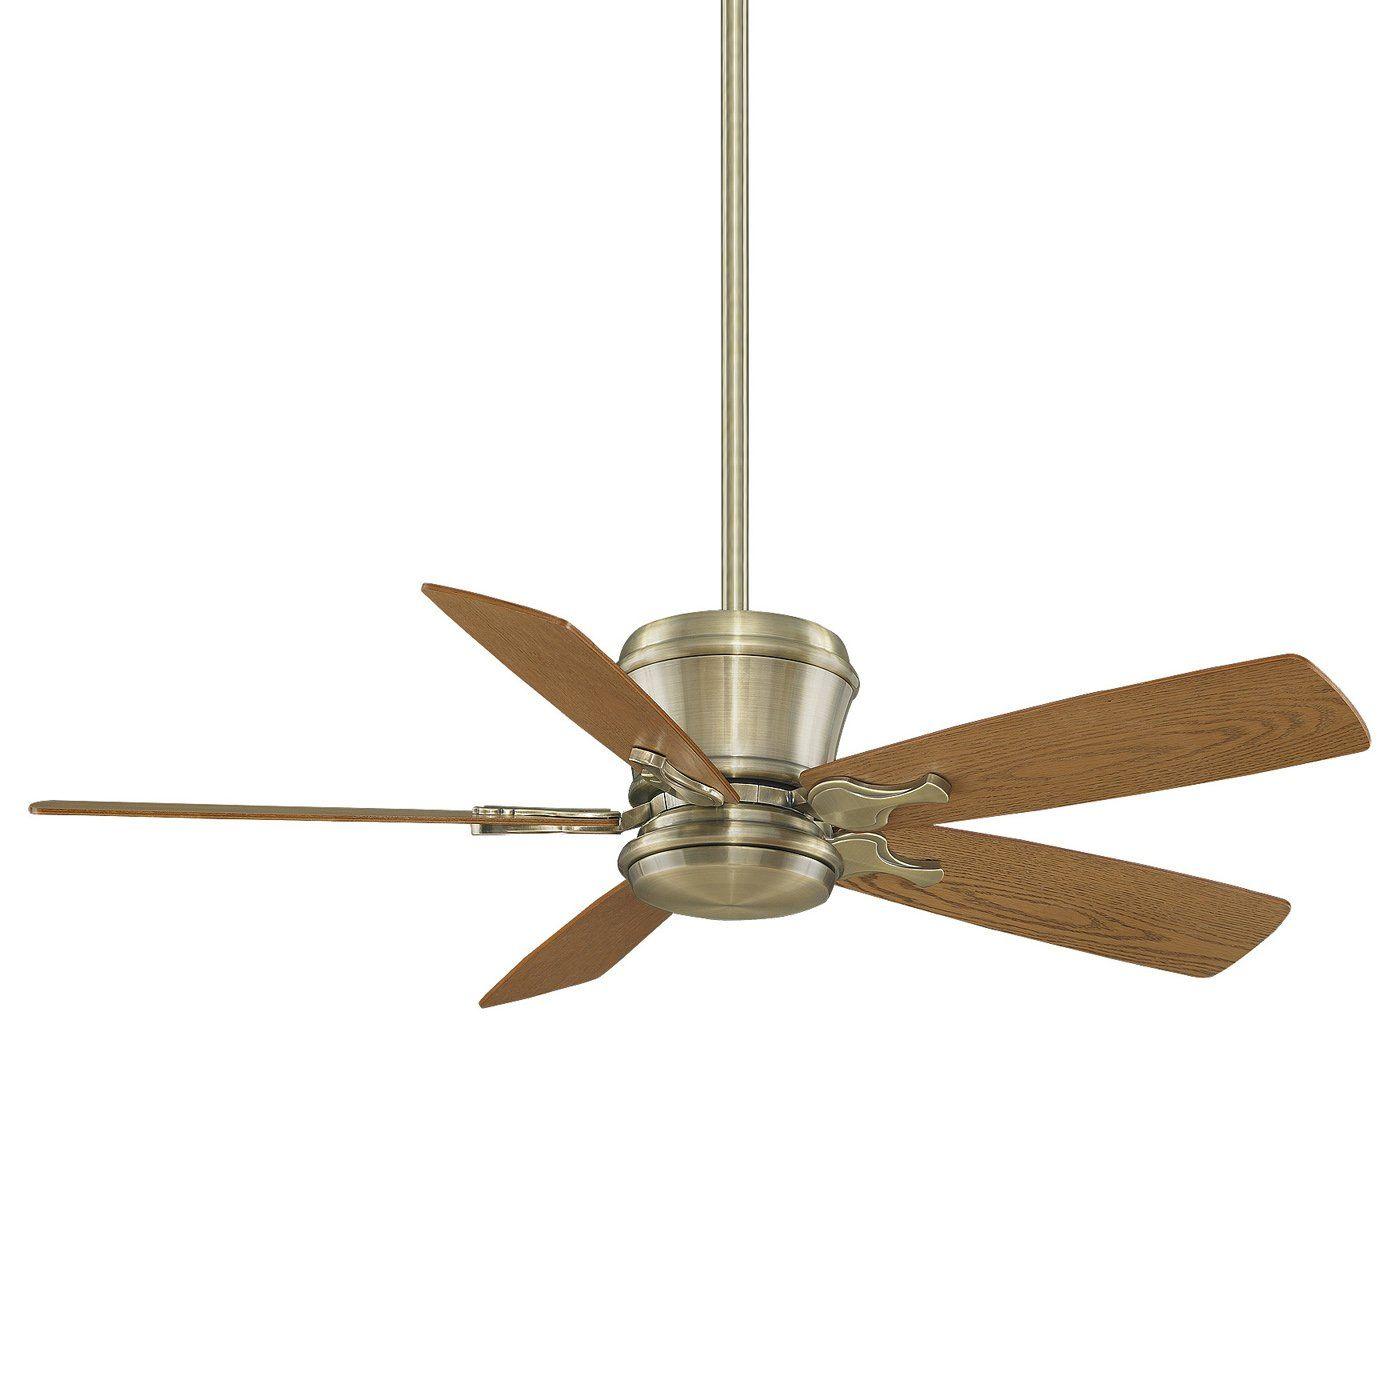 Fanimation MAD3260 3 Light 18in. Sandella Assembly Ceiling Fan ...